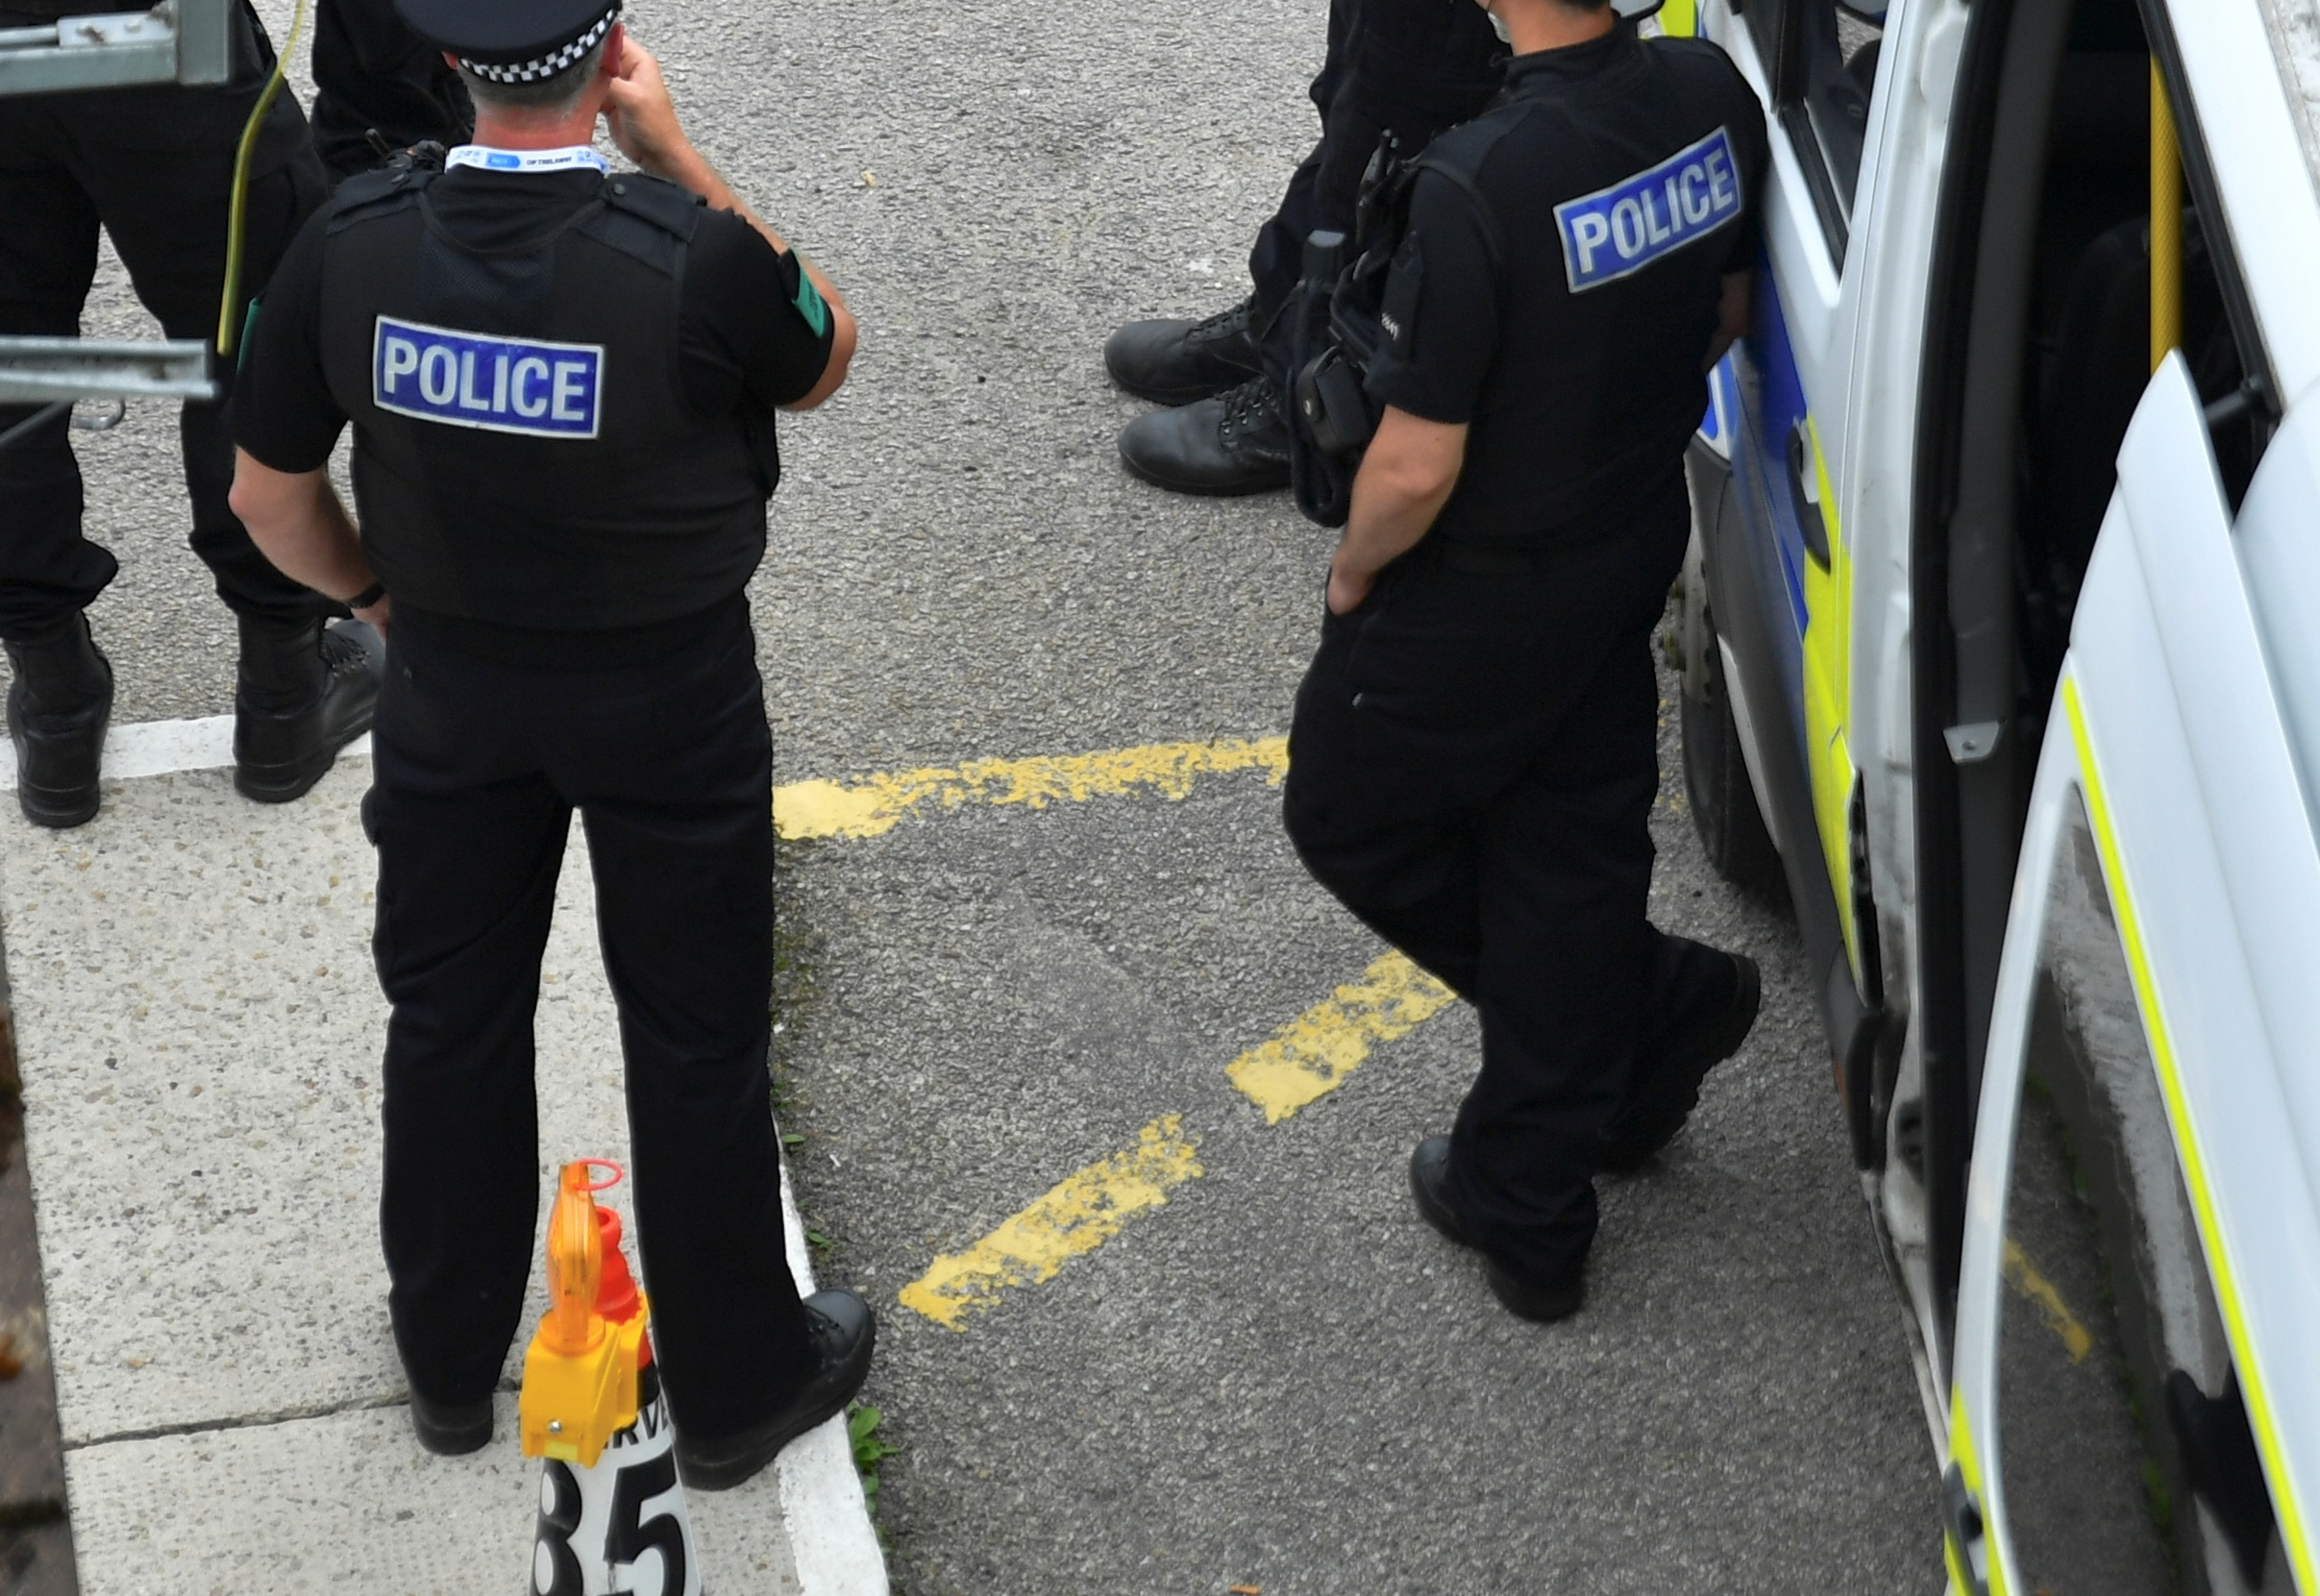 Βρετανία: Βουλευτής του Συντηρητικού κόμματος θα δικαστεί για σεξουαλική κακοποίηση 15χρονου